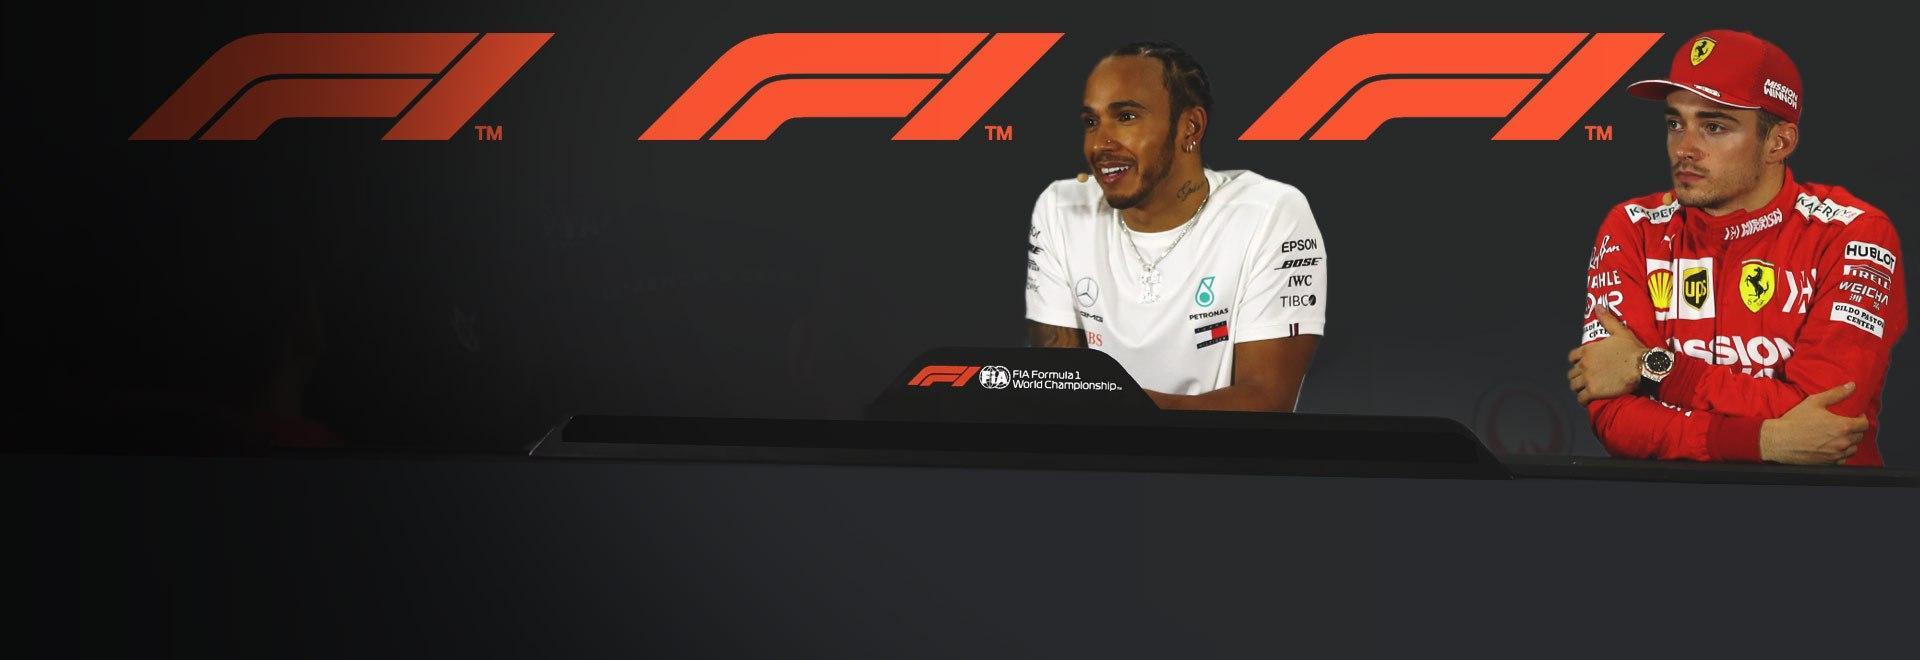 Conferenza Stampa Piloti F1